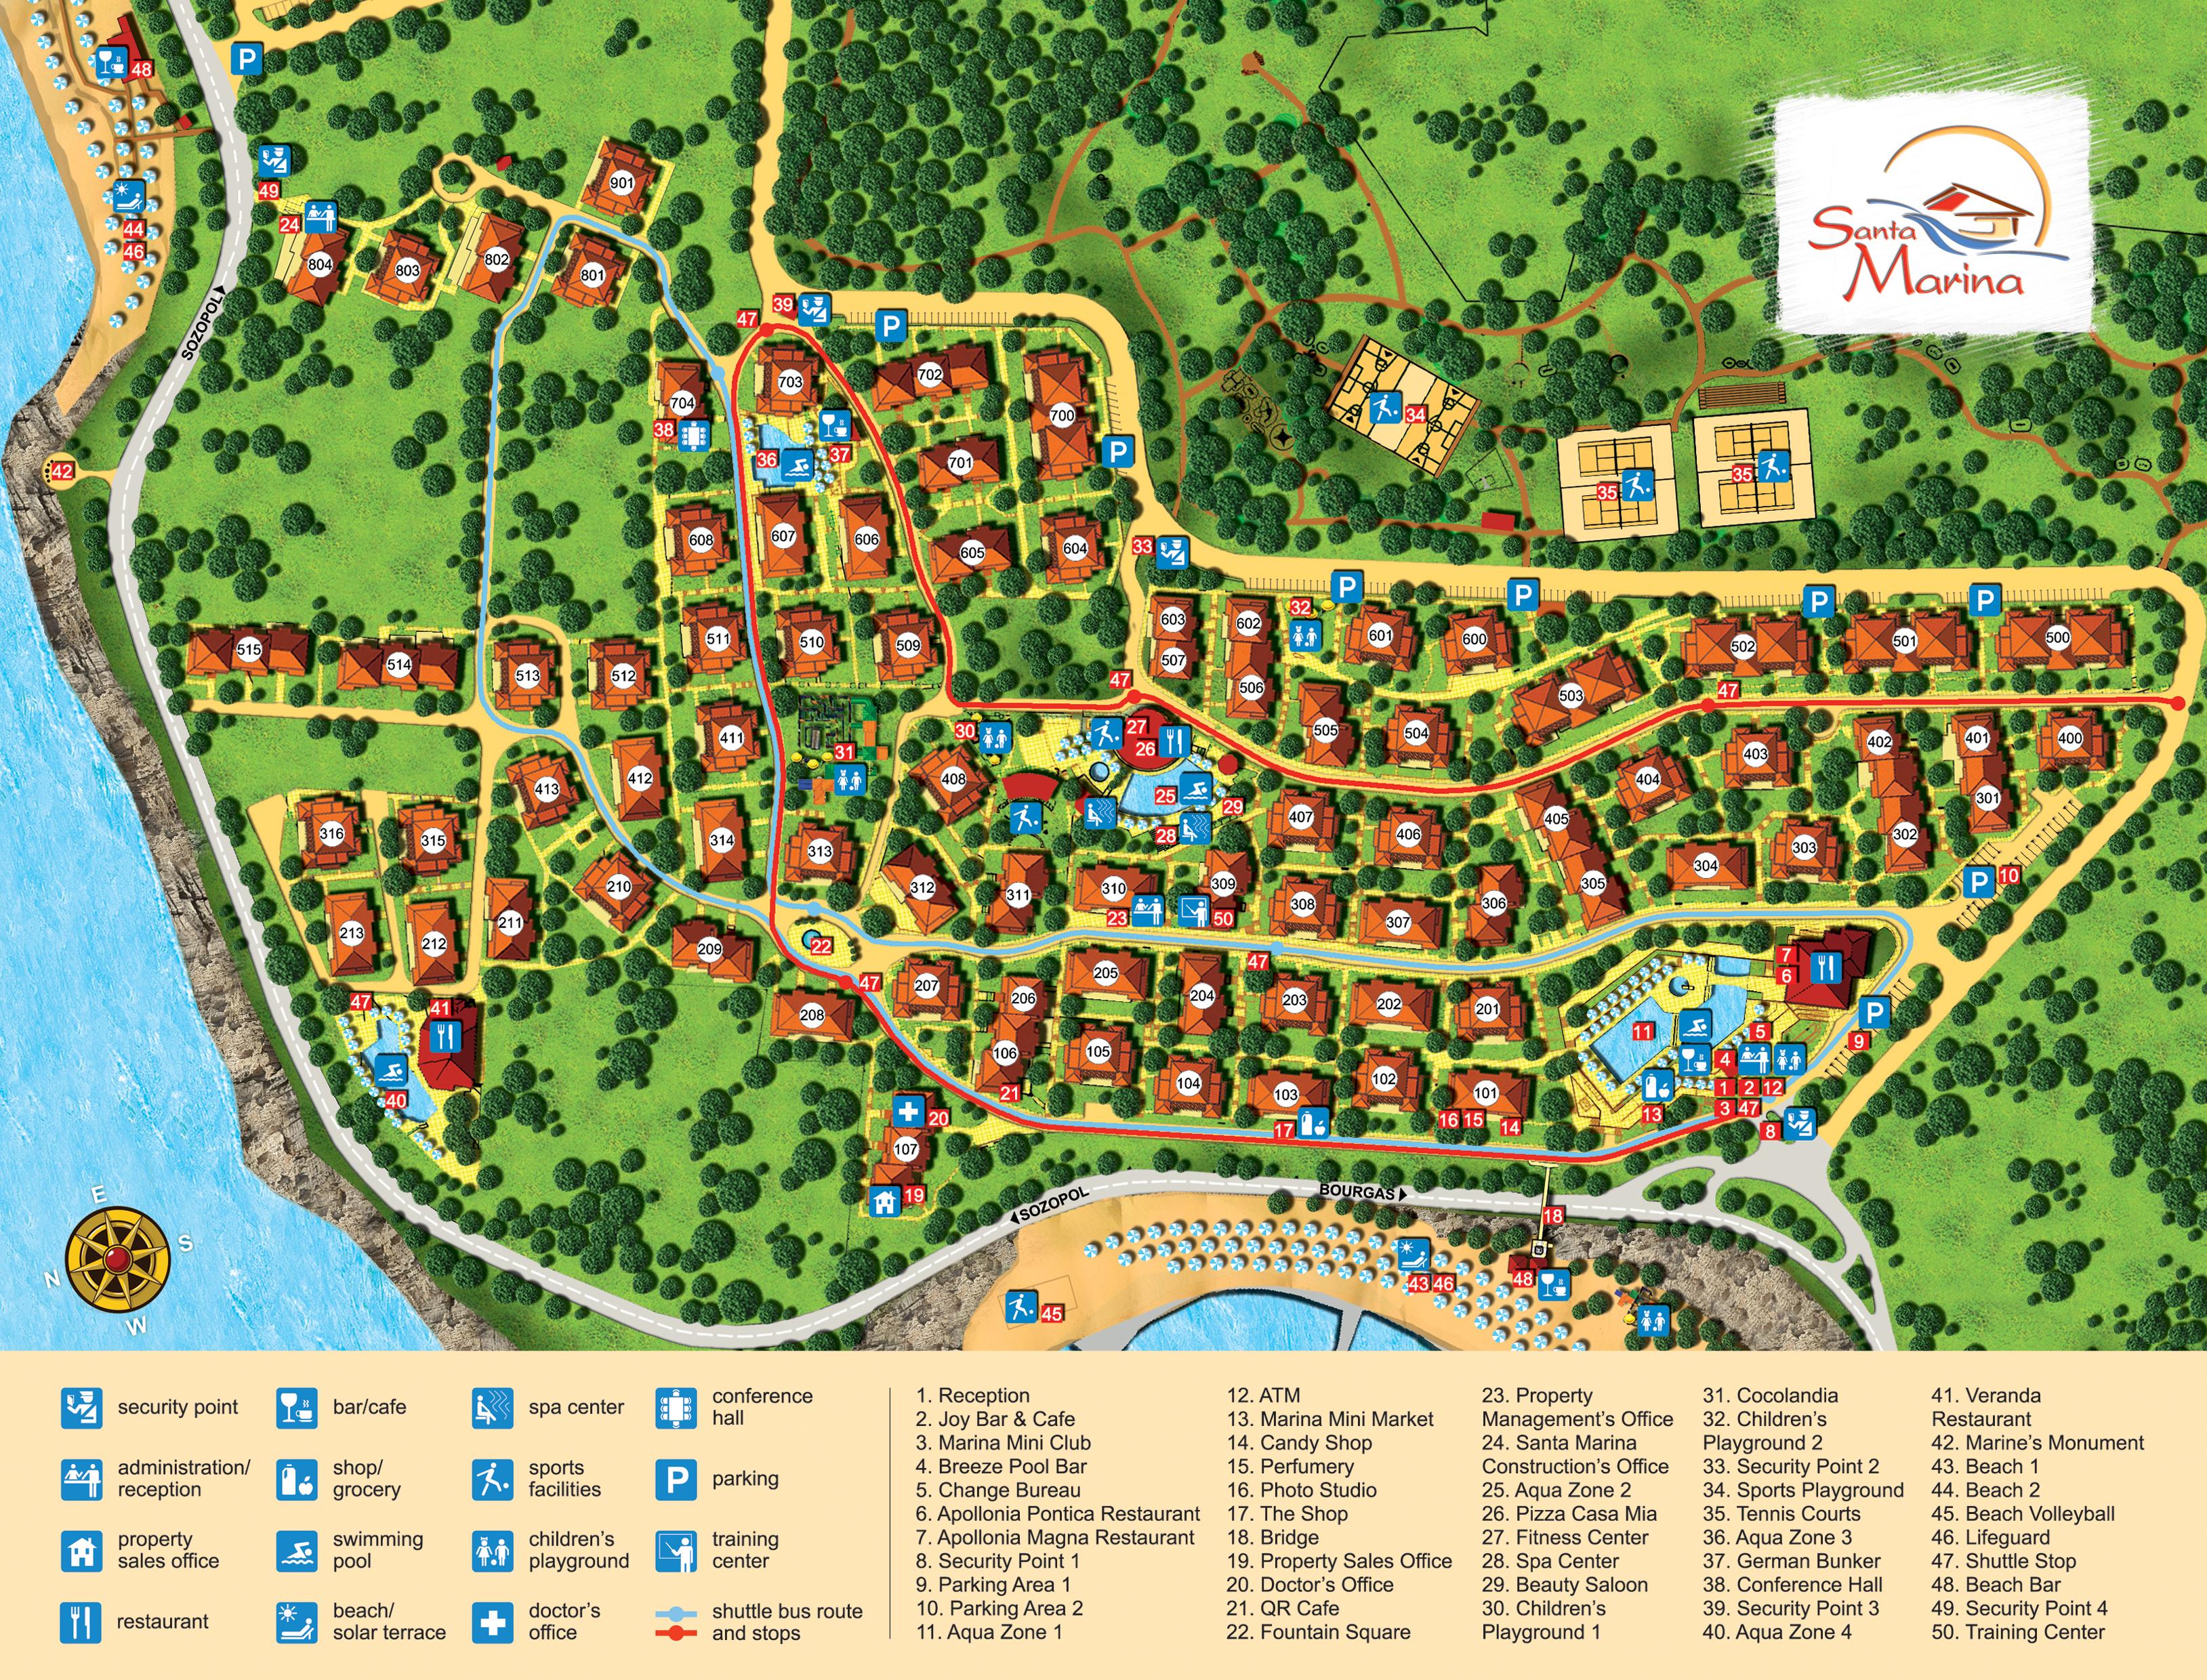 Генерален план: Луксозни апартаменти в отличен затворен комплекс на морето